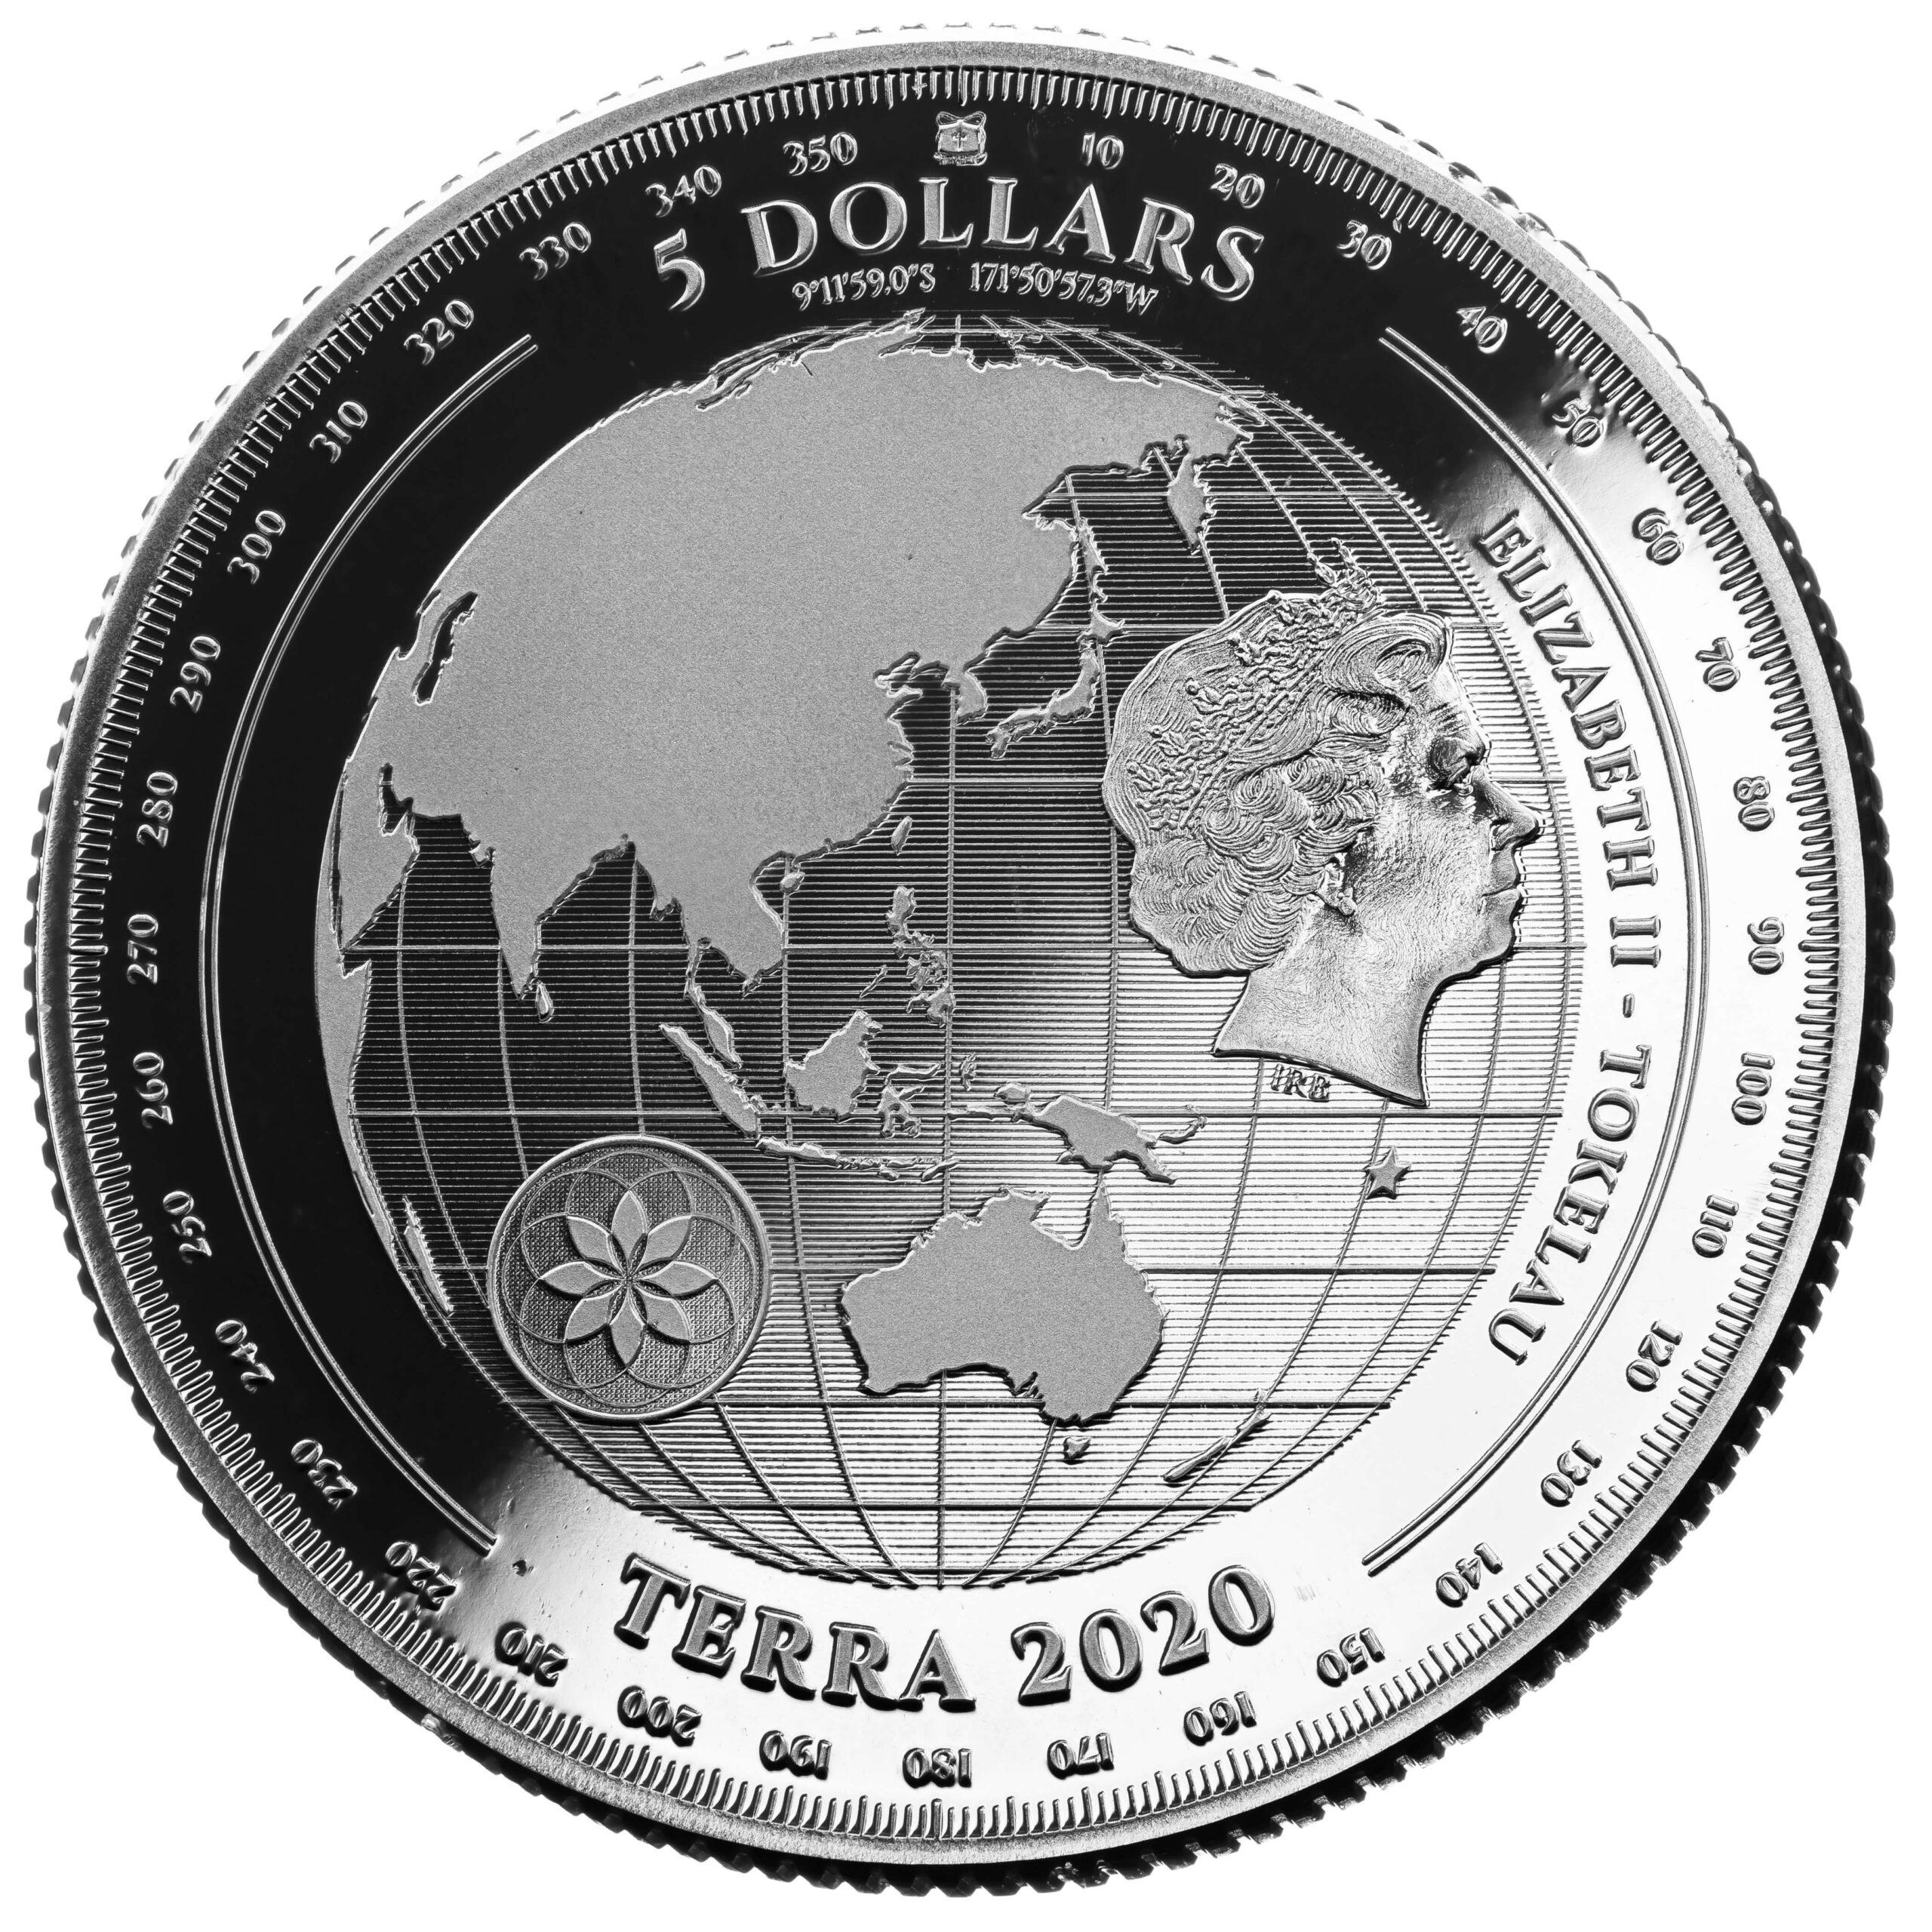 TK 5 Dollars 2020 Pressburg Mint logo